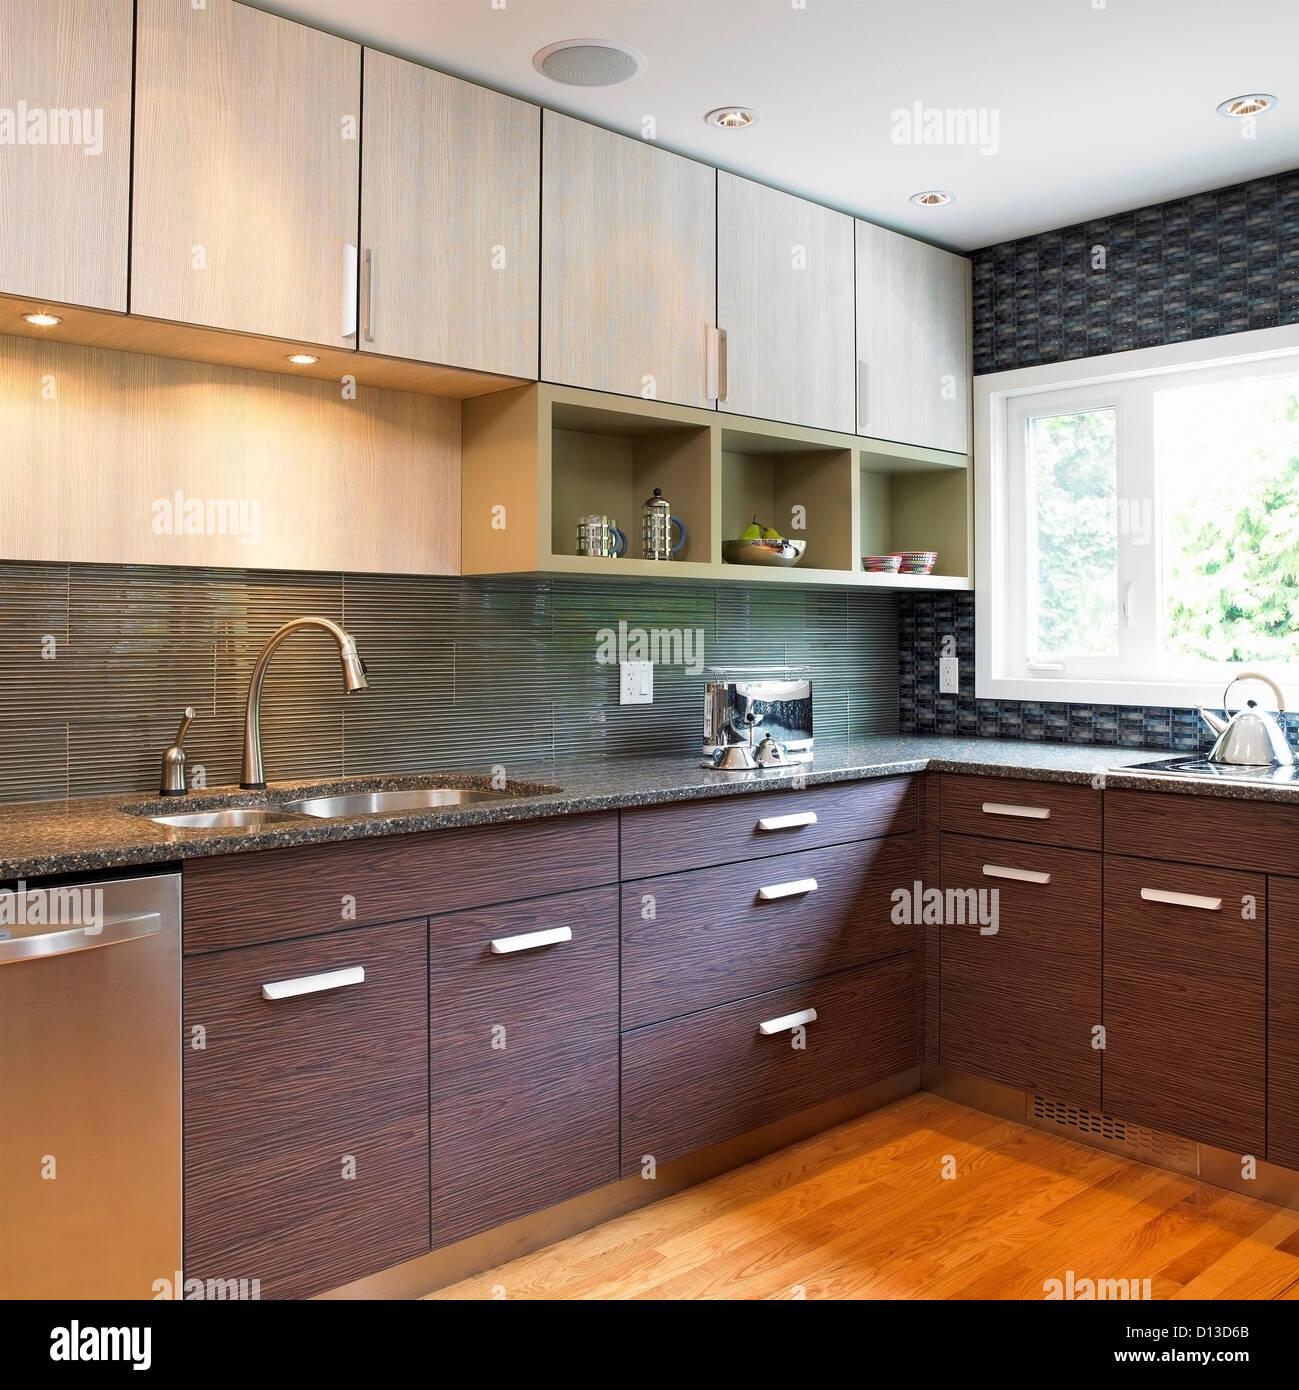 Küche Mit Blauen Fliesen Backsplash Und Holz Laminat Schränke;  Victoria Vancouver Island In British Columbia Kanada